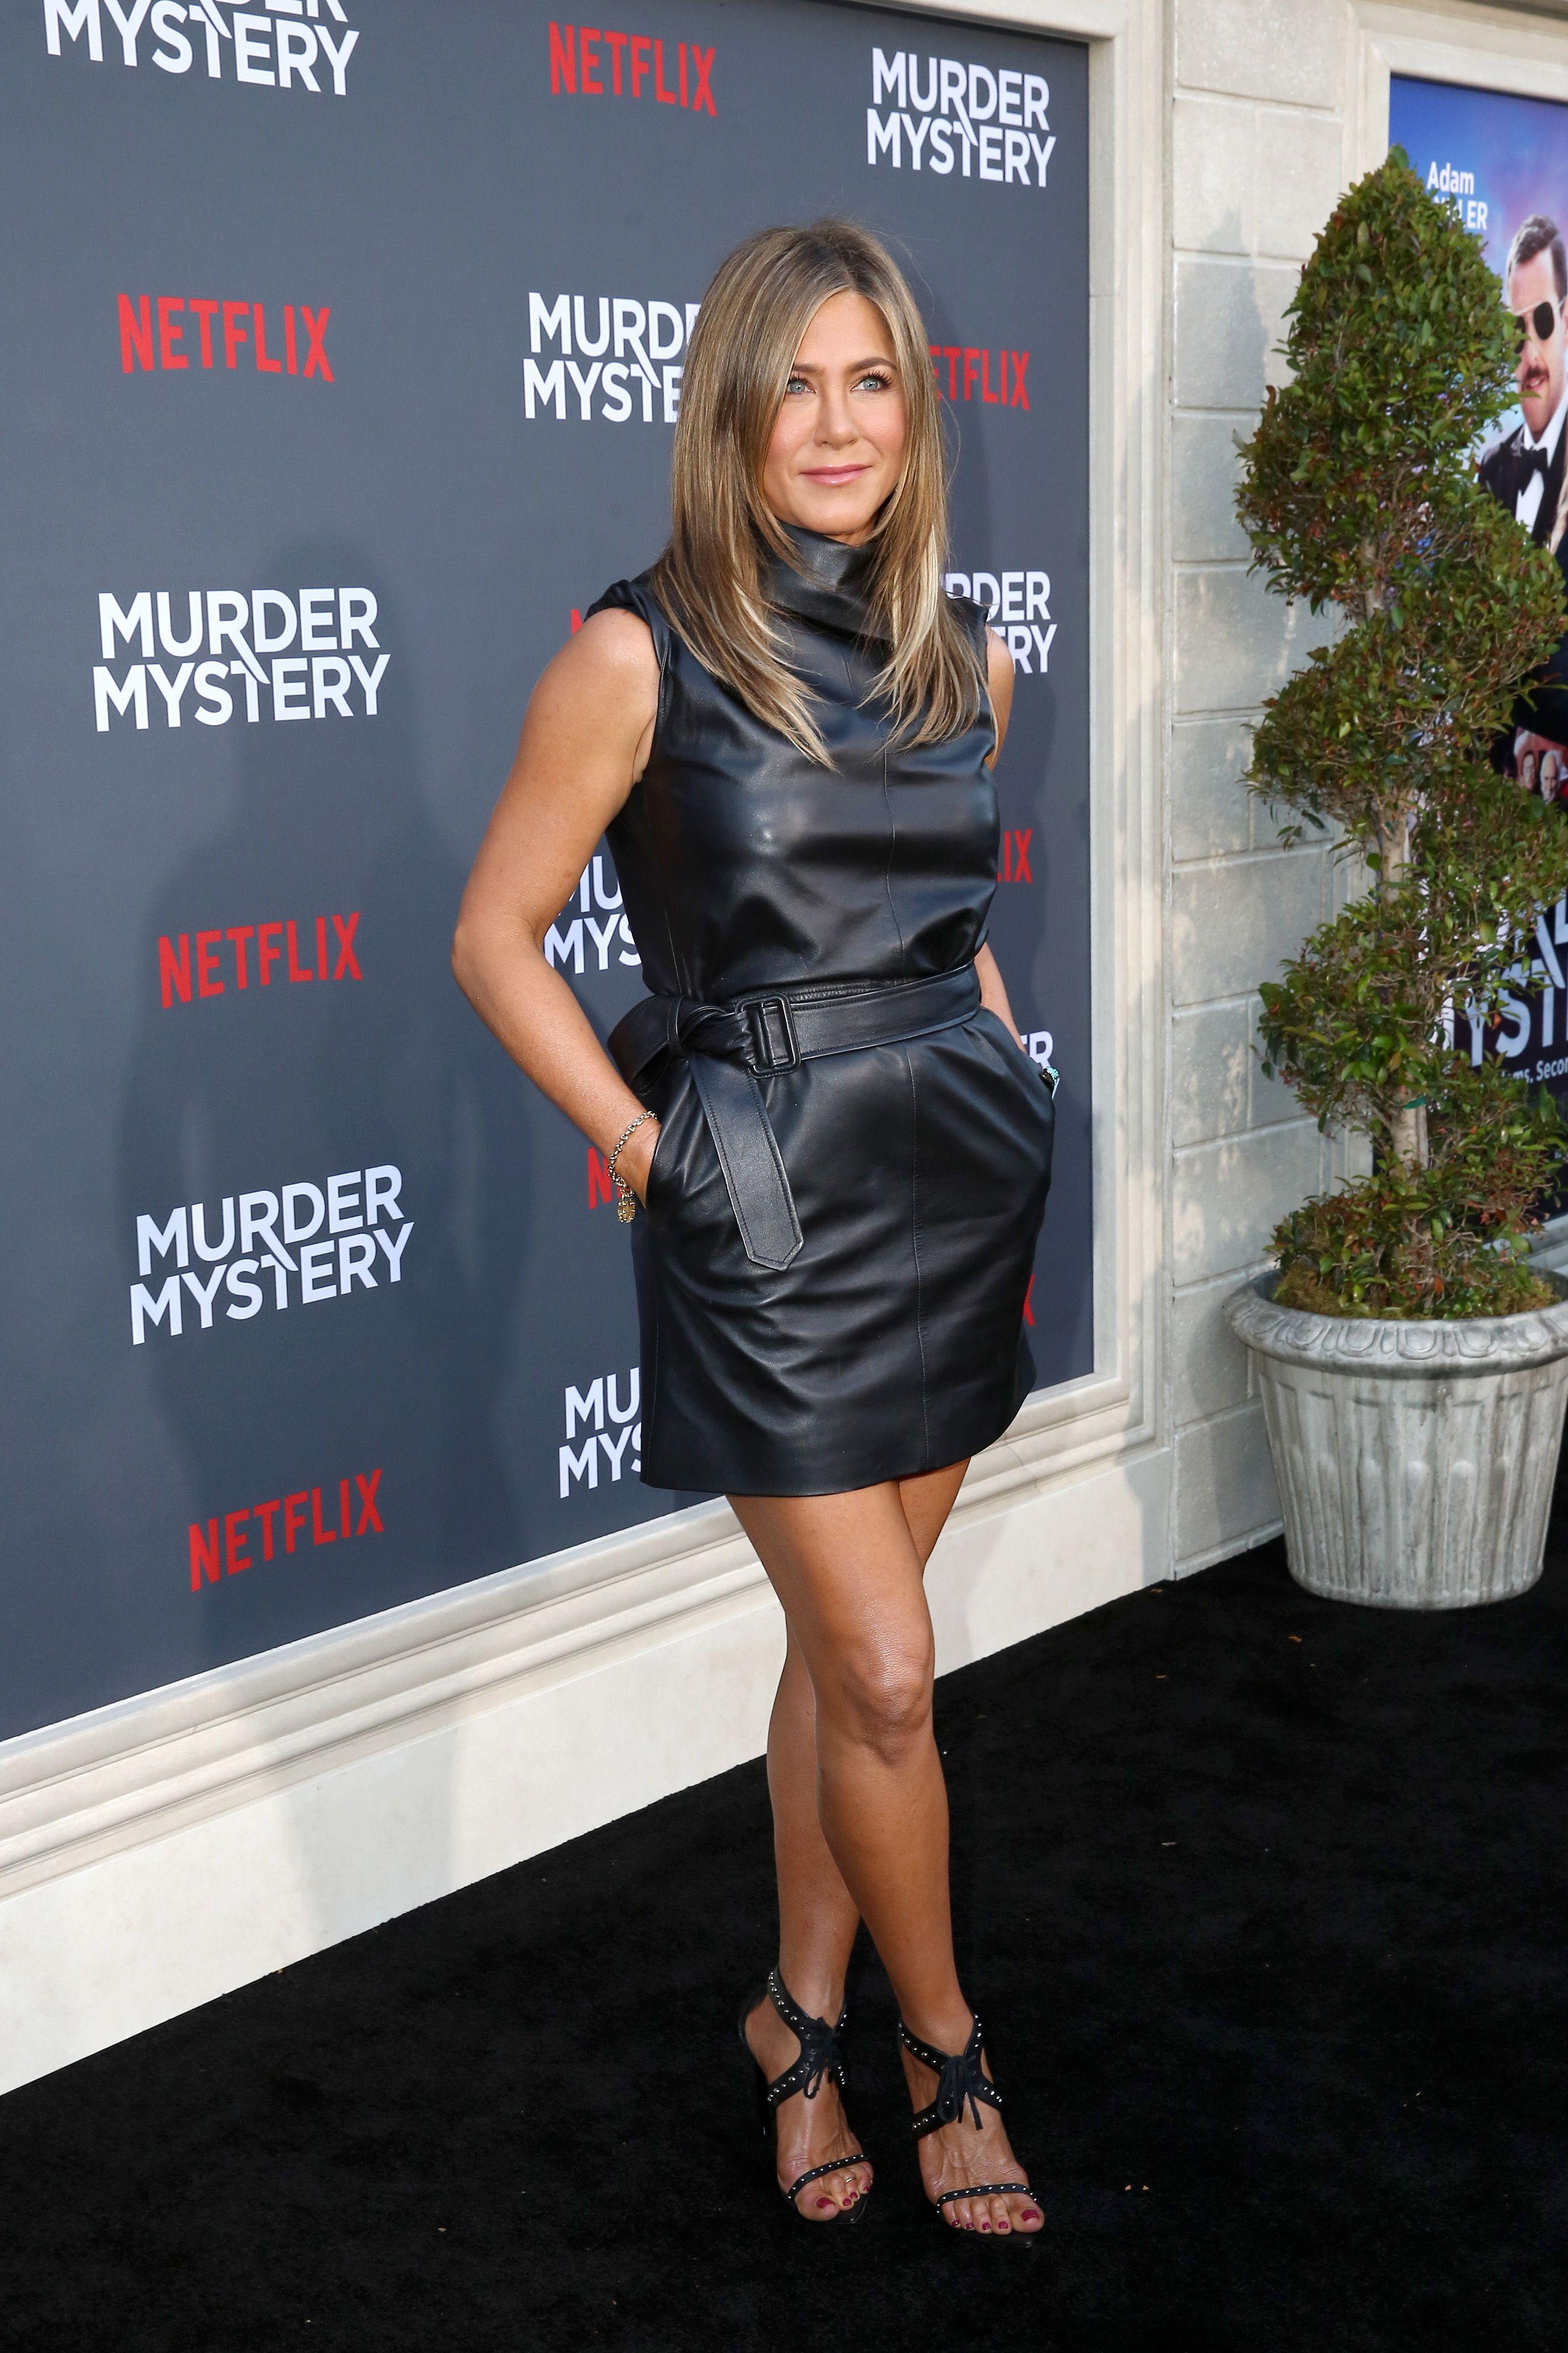 Stile Rock i migliori outfit Jennifer aniston, Vestito